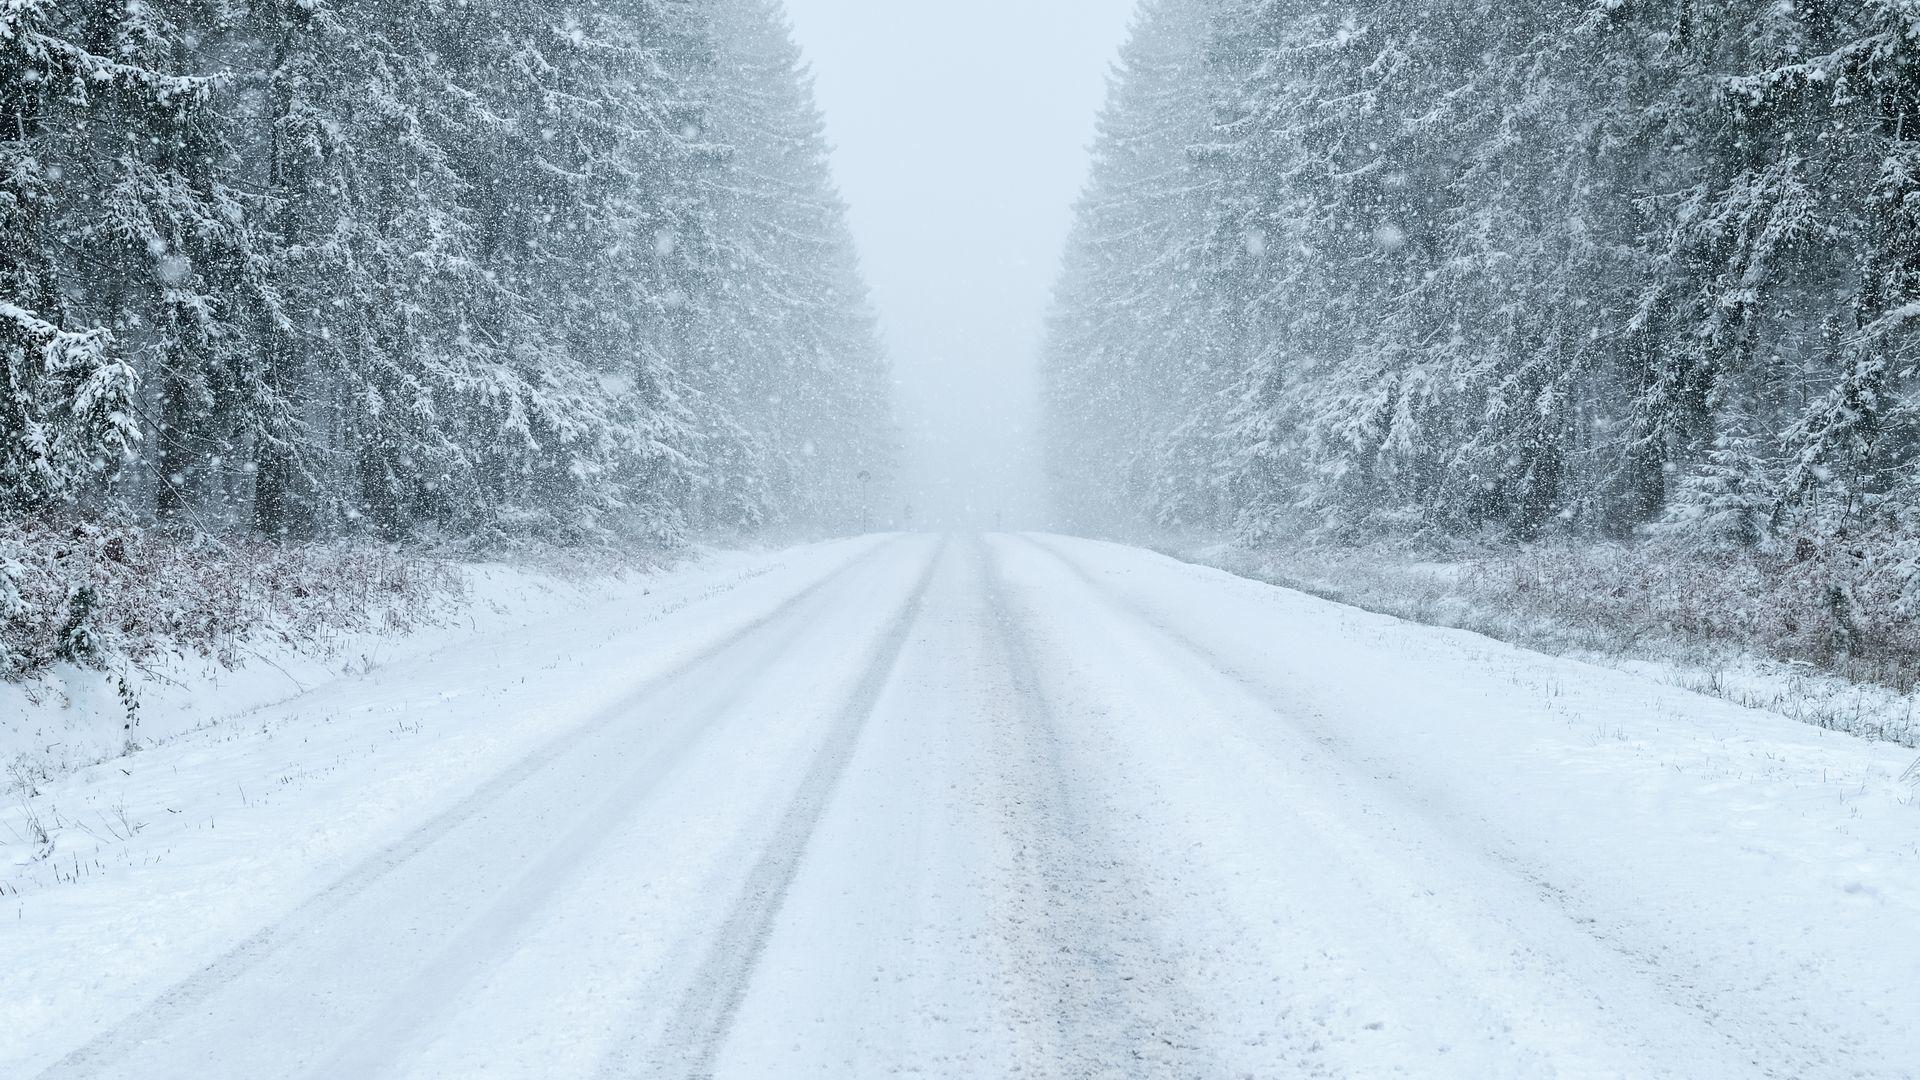 关于下雪的作文3篇